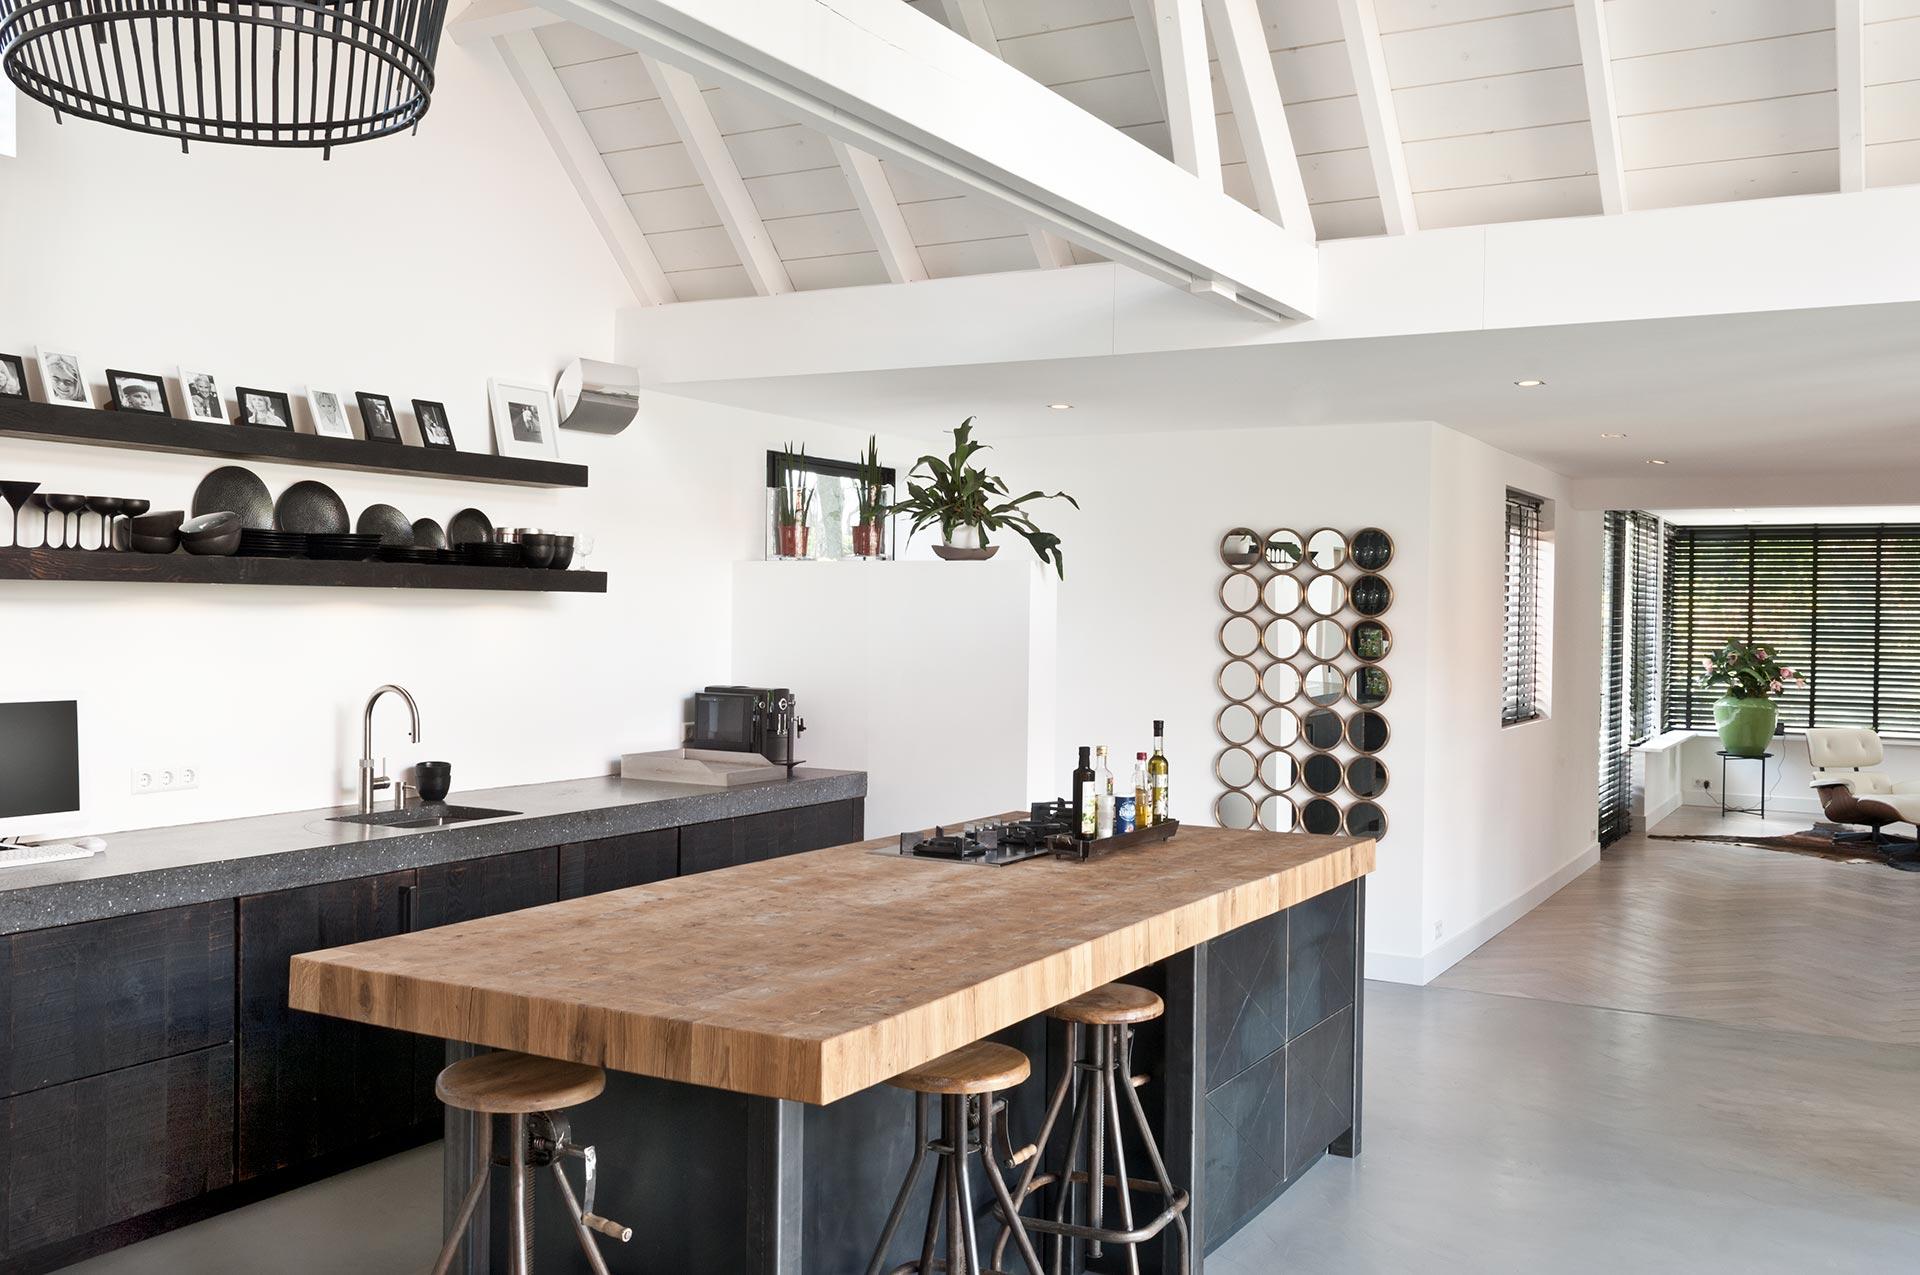 Keuken van staal, steenen hout